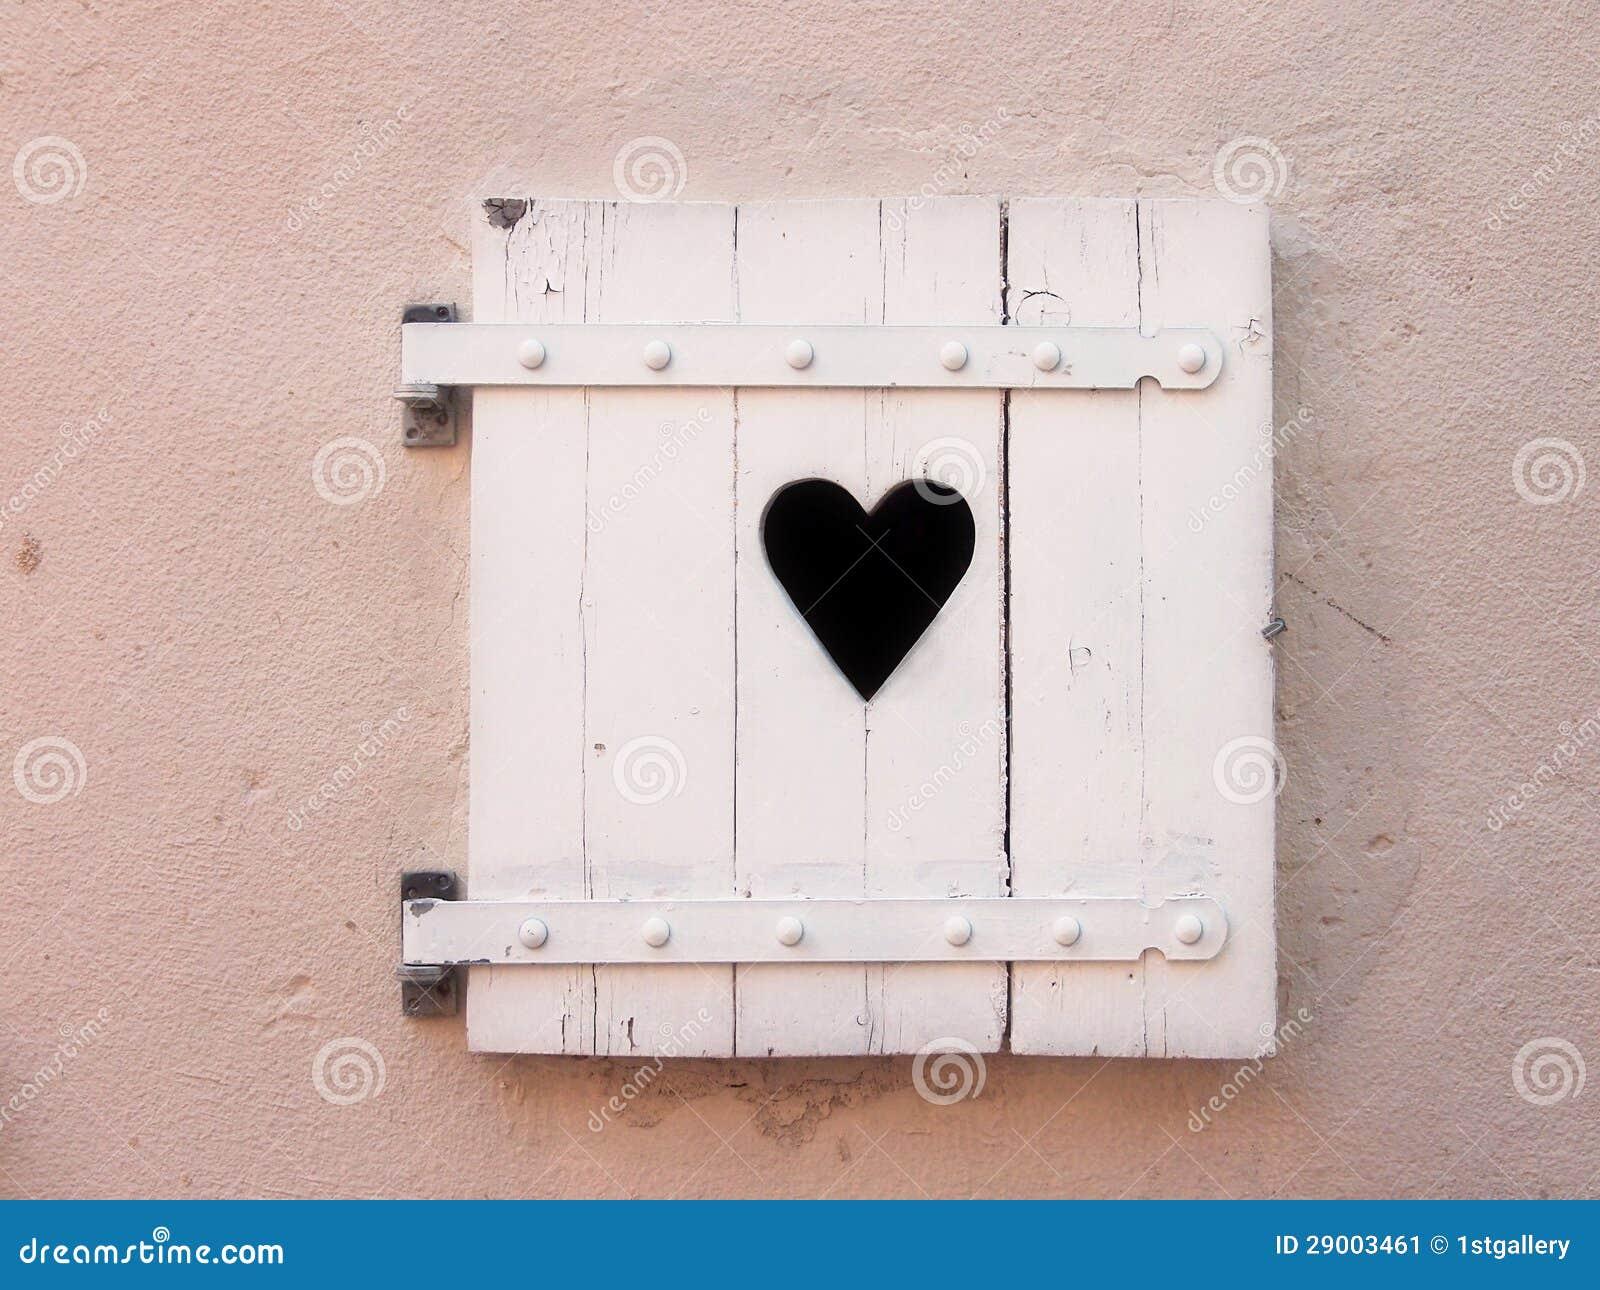 geschlossene wei e alte fensterl den mit innerform 18 stockbild bild 29003461. Black Bedroom Furniture Sets. Home Design Ideas